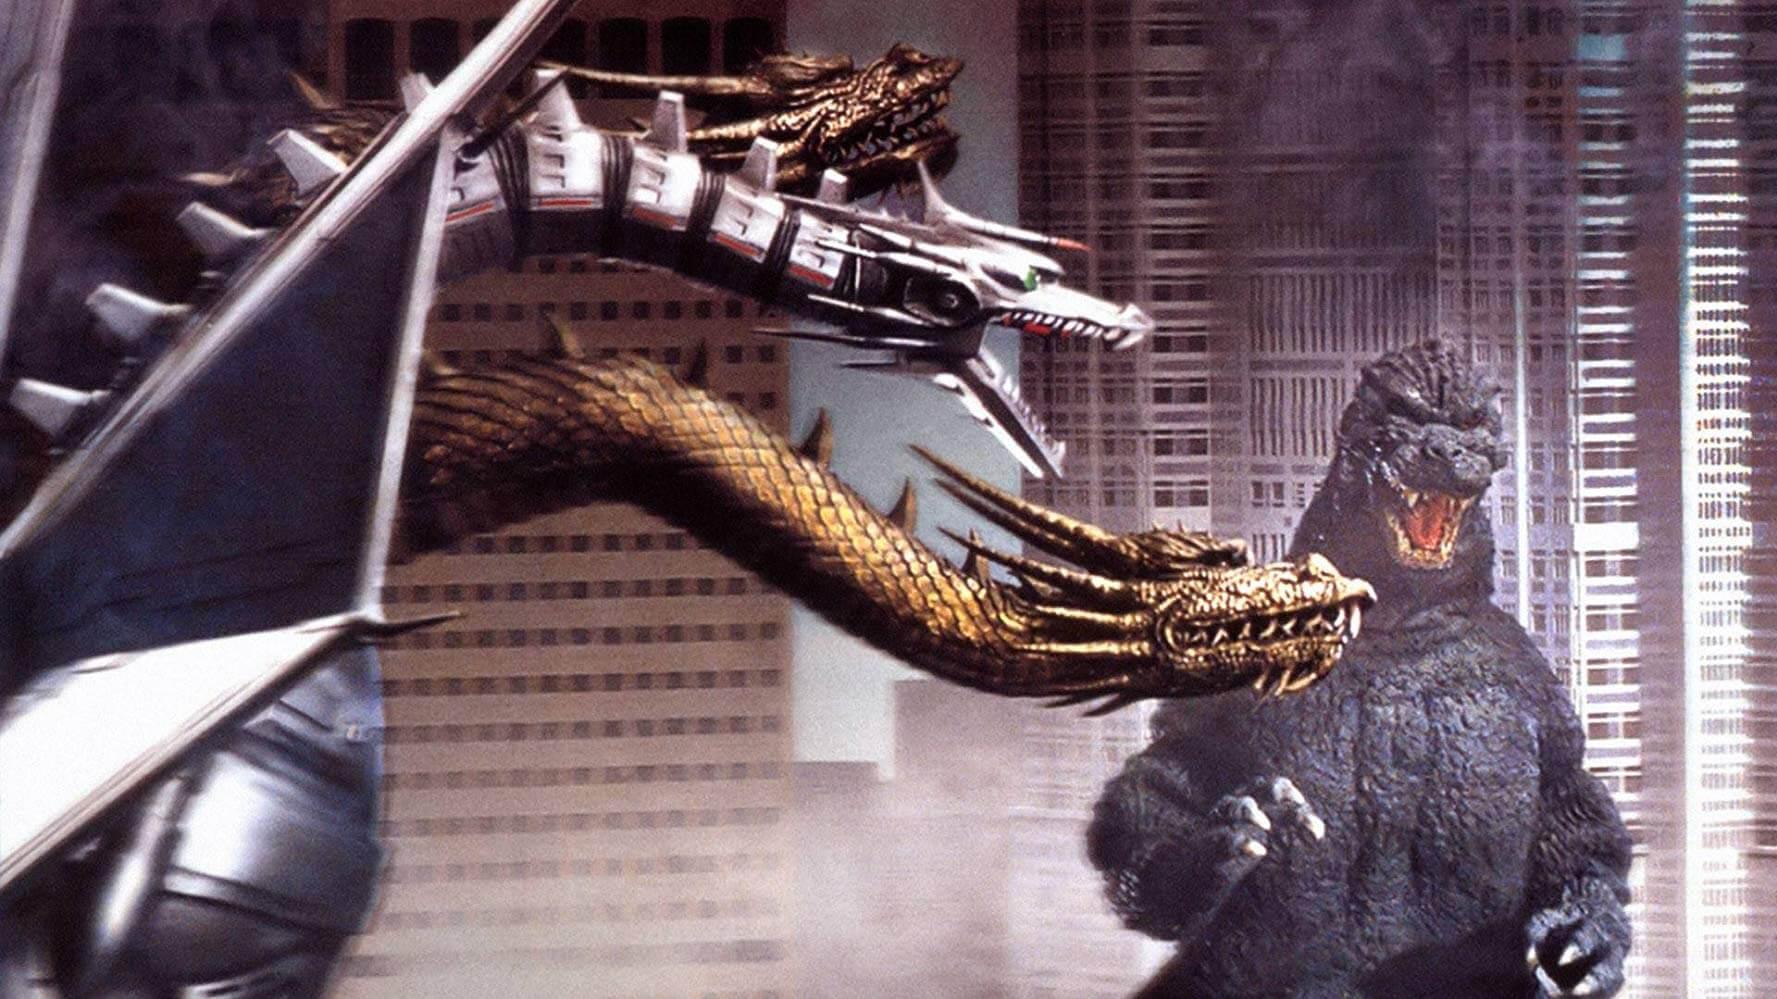 【專題】怪獸系列:《哥吉拉 vs 王者基多拉》時間旅行矛盾下的日本人自畫像(58)首圖